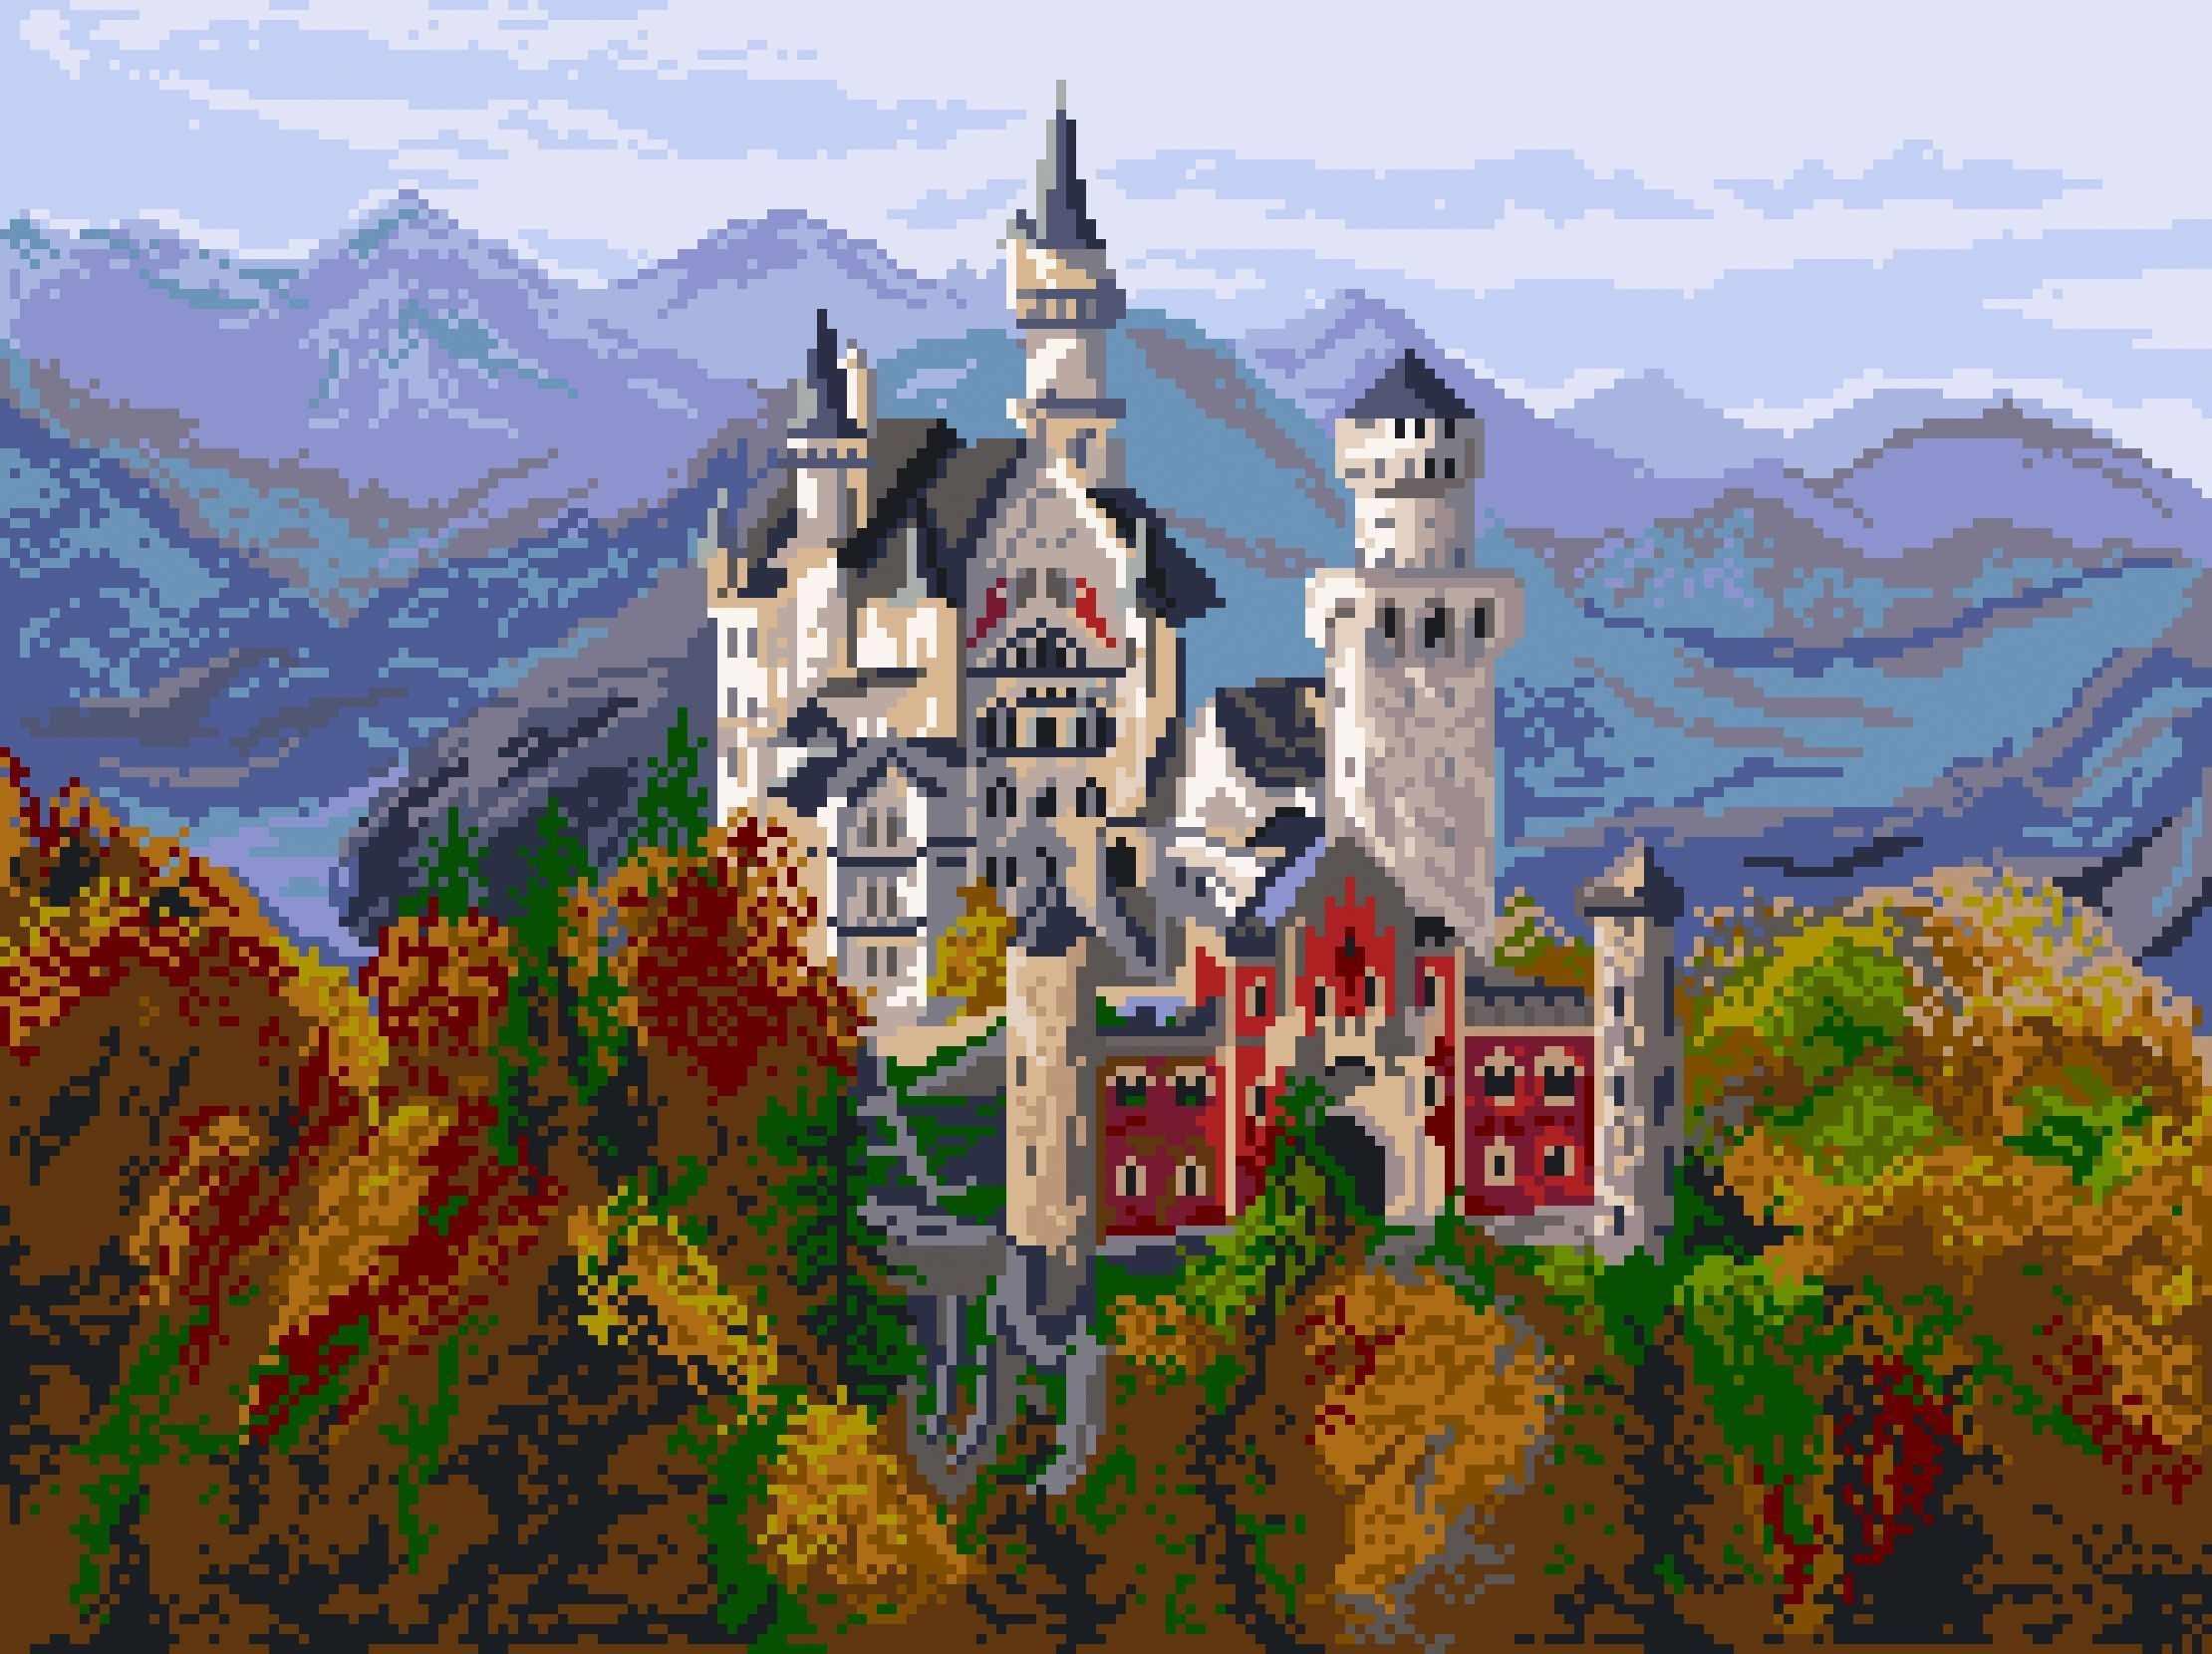 1898 Замок в Баварии - рисунок на канве (МП)